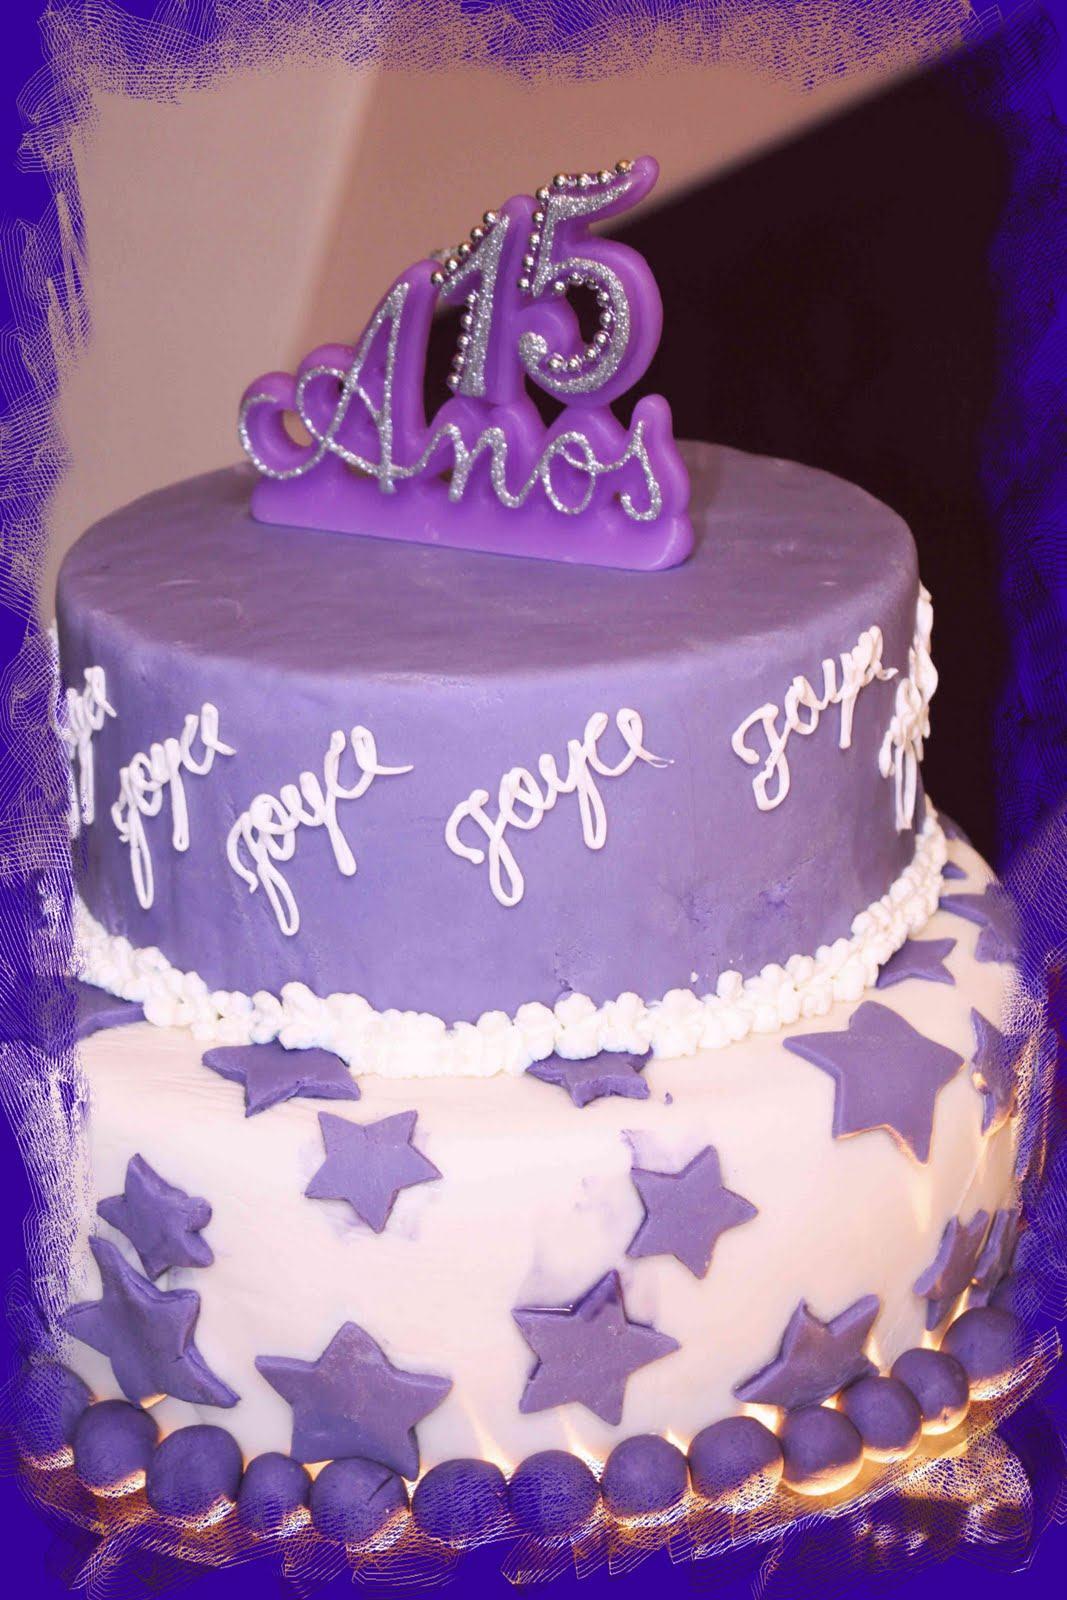 Bolos decorados para festas de 15 anos incio roxo thecheapjerseys Choice Image